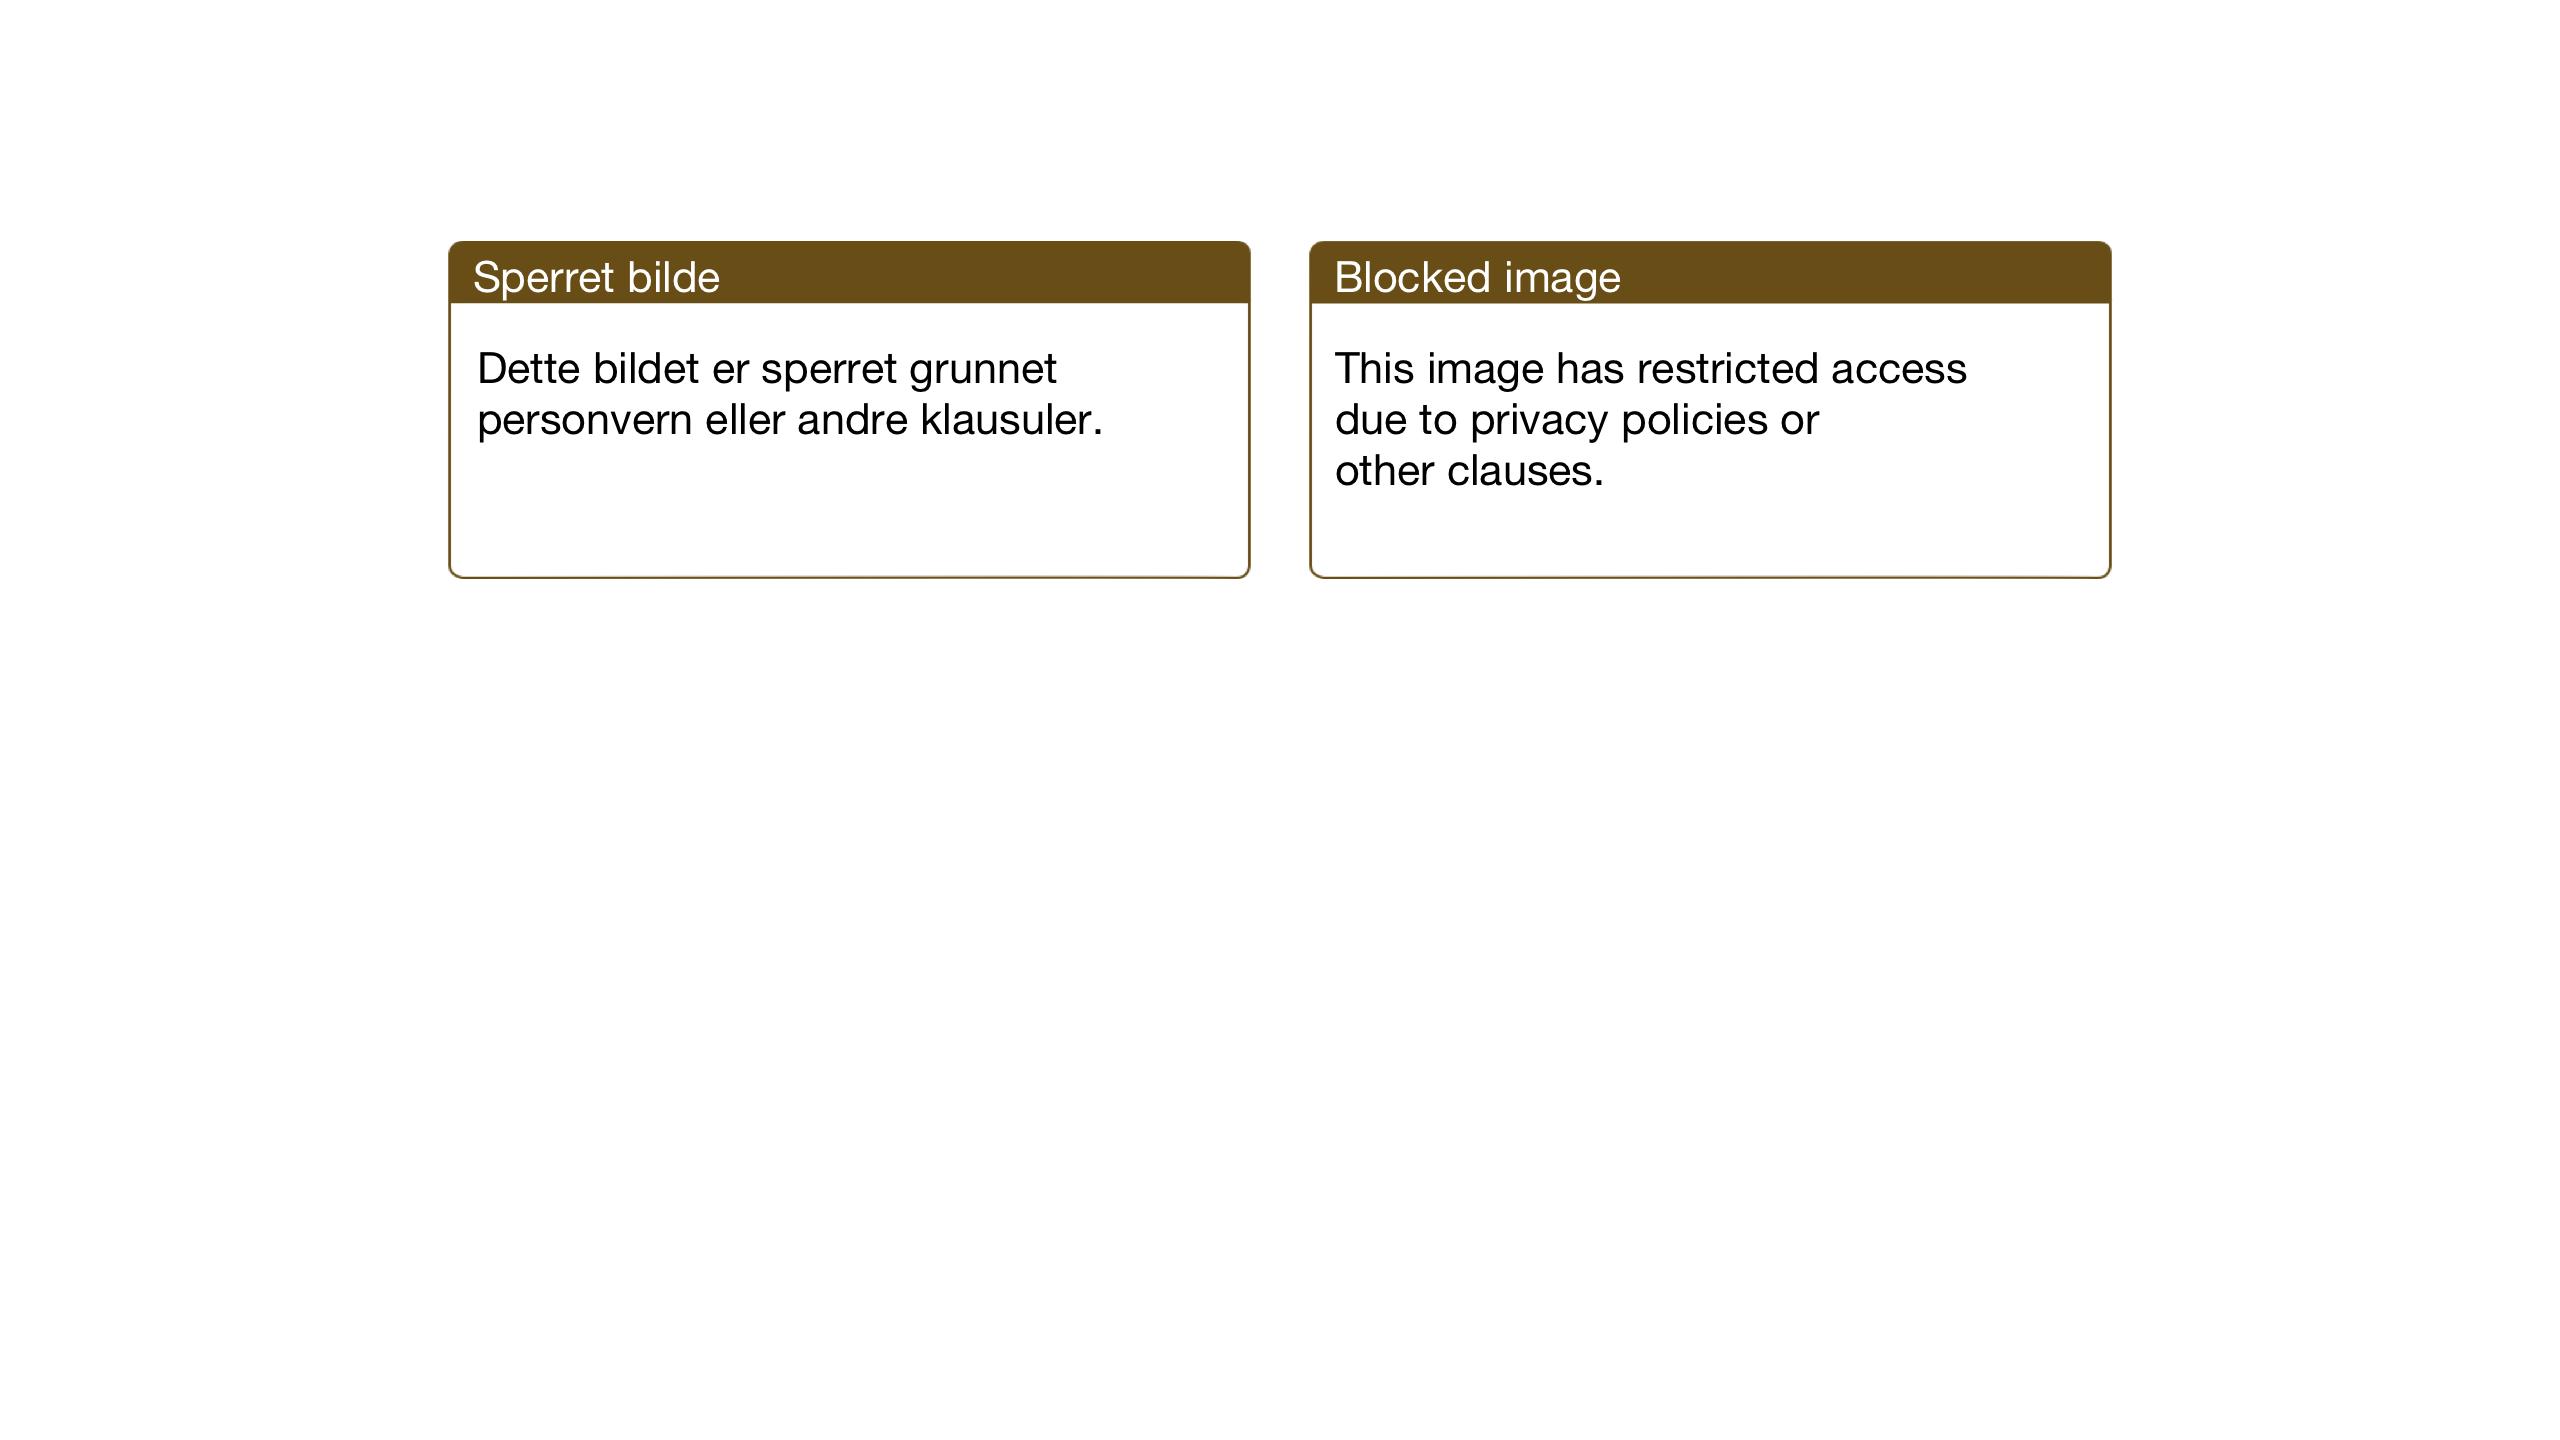 SAT, Ministerialprotokoller, klokkerbøker og fødselsregistre - Nord-Trøndelag, 770/L0592: Klokkerbok nr. 770C03, 1941-1950, s. 153